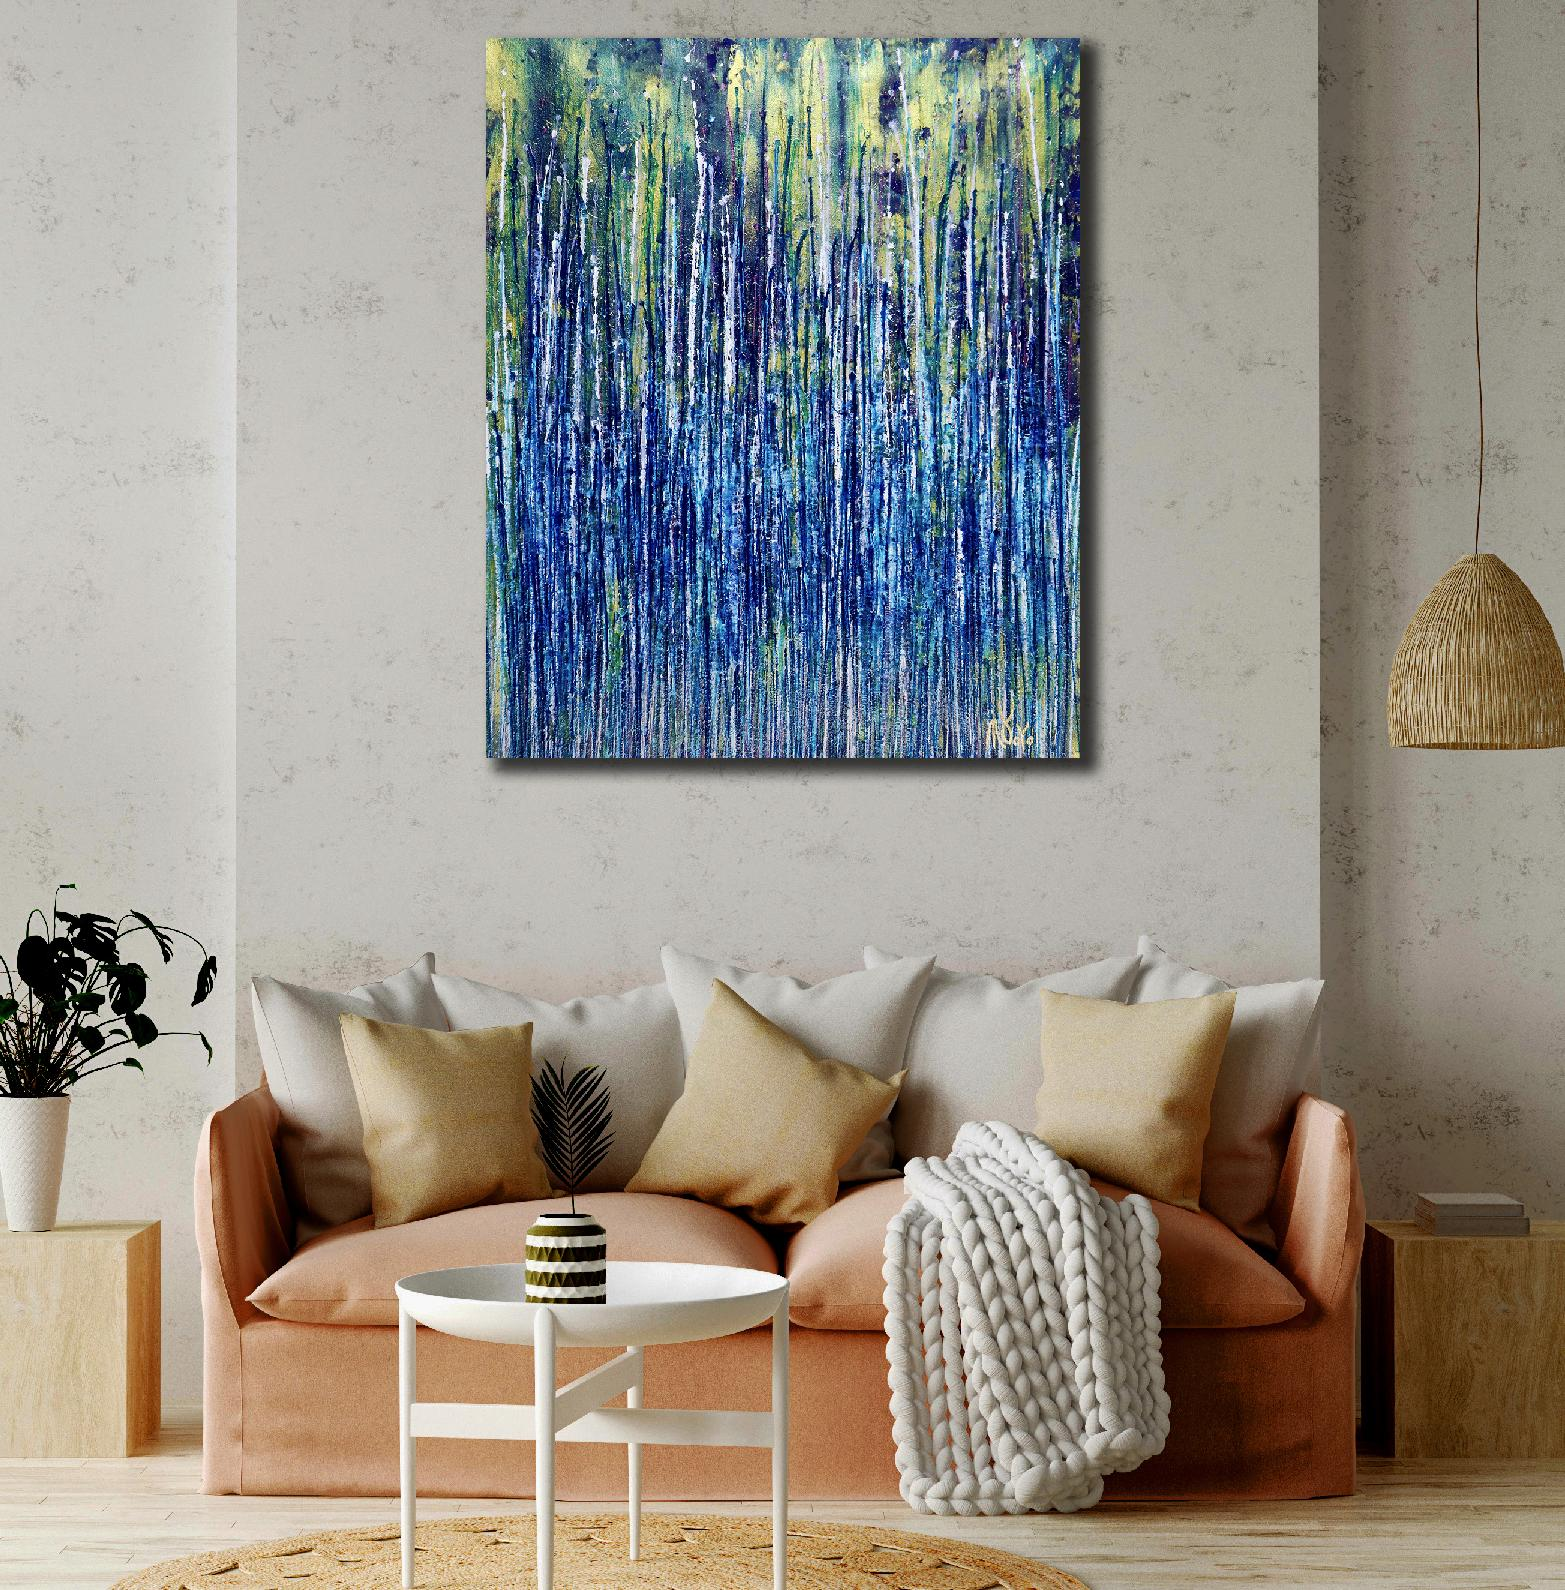 Room View - Daydream Panorama 10 (Natures Imagery) (2020) by Nestor Toro